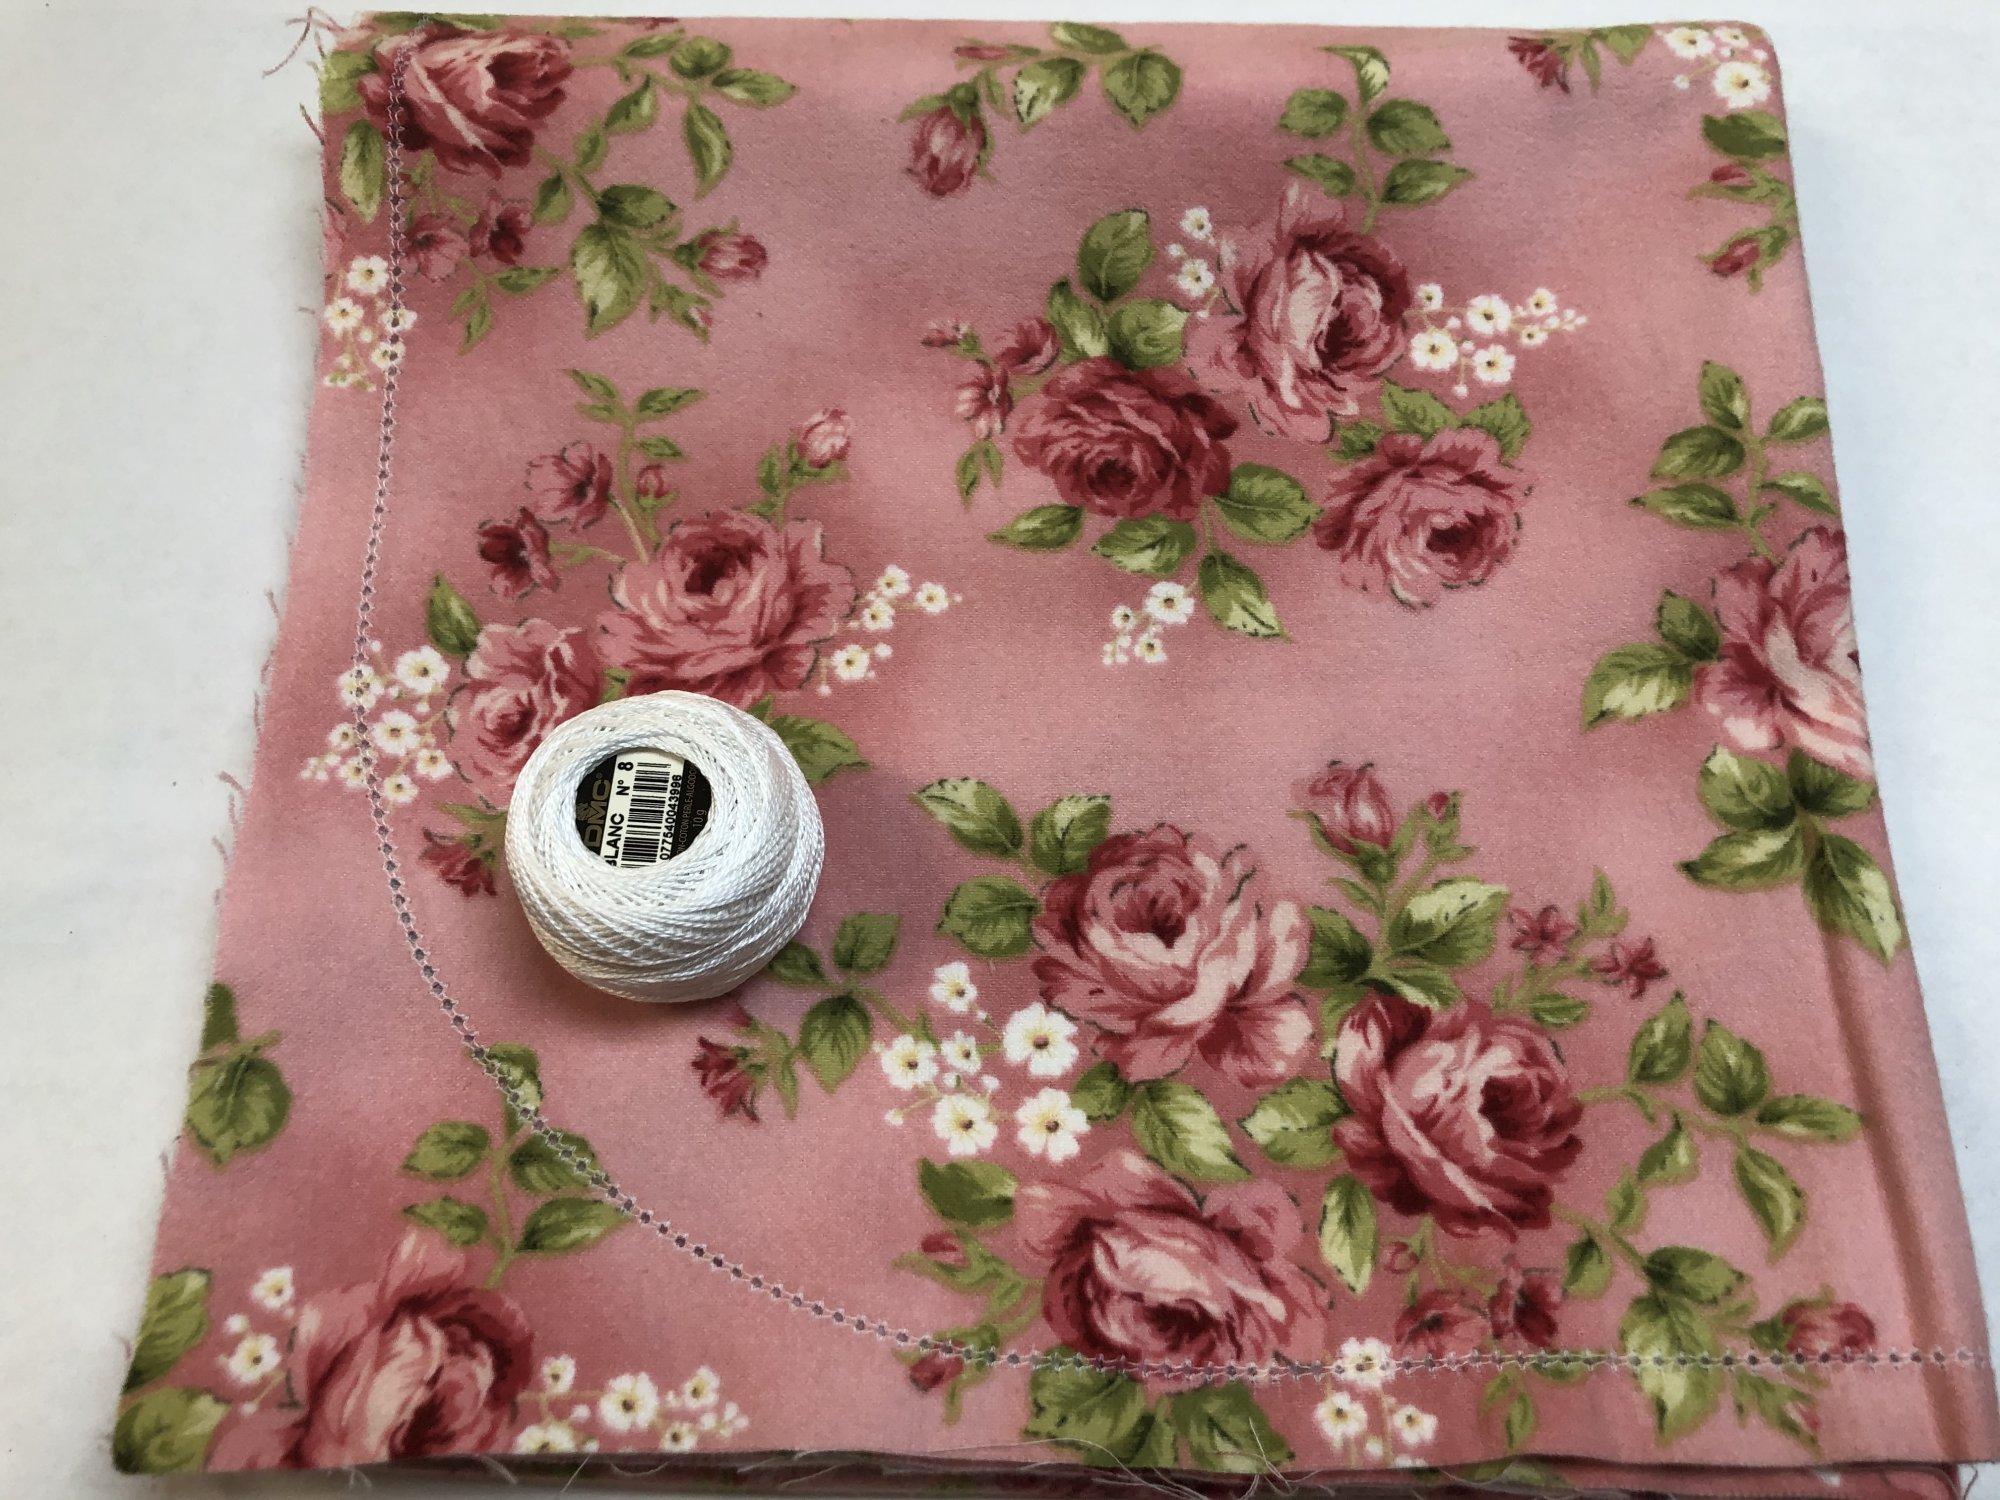 Roses on Pink Hemstitched Flannel Blanket